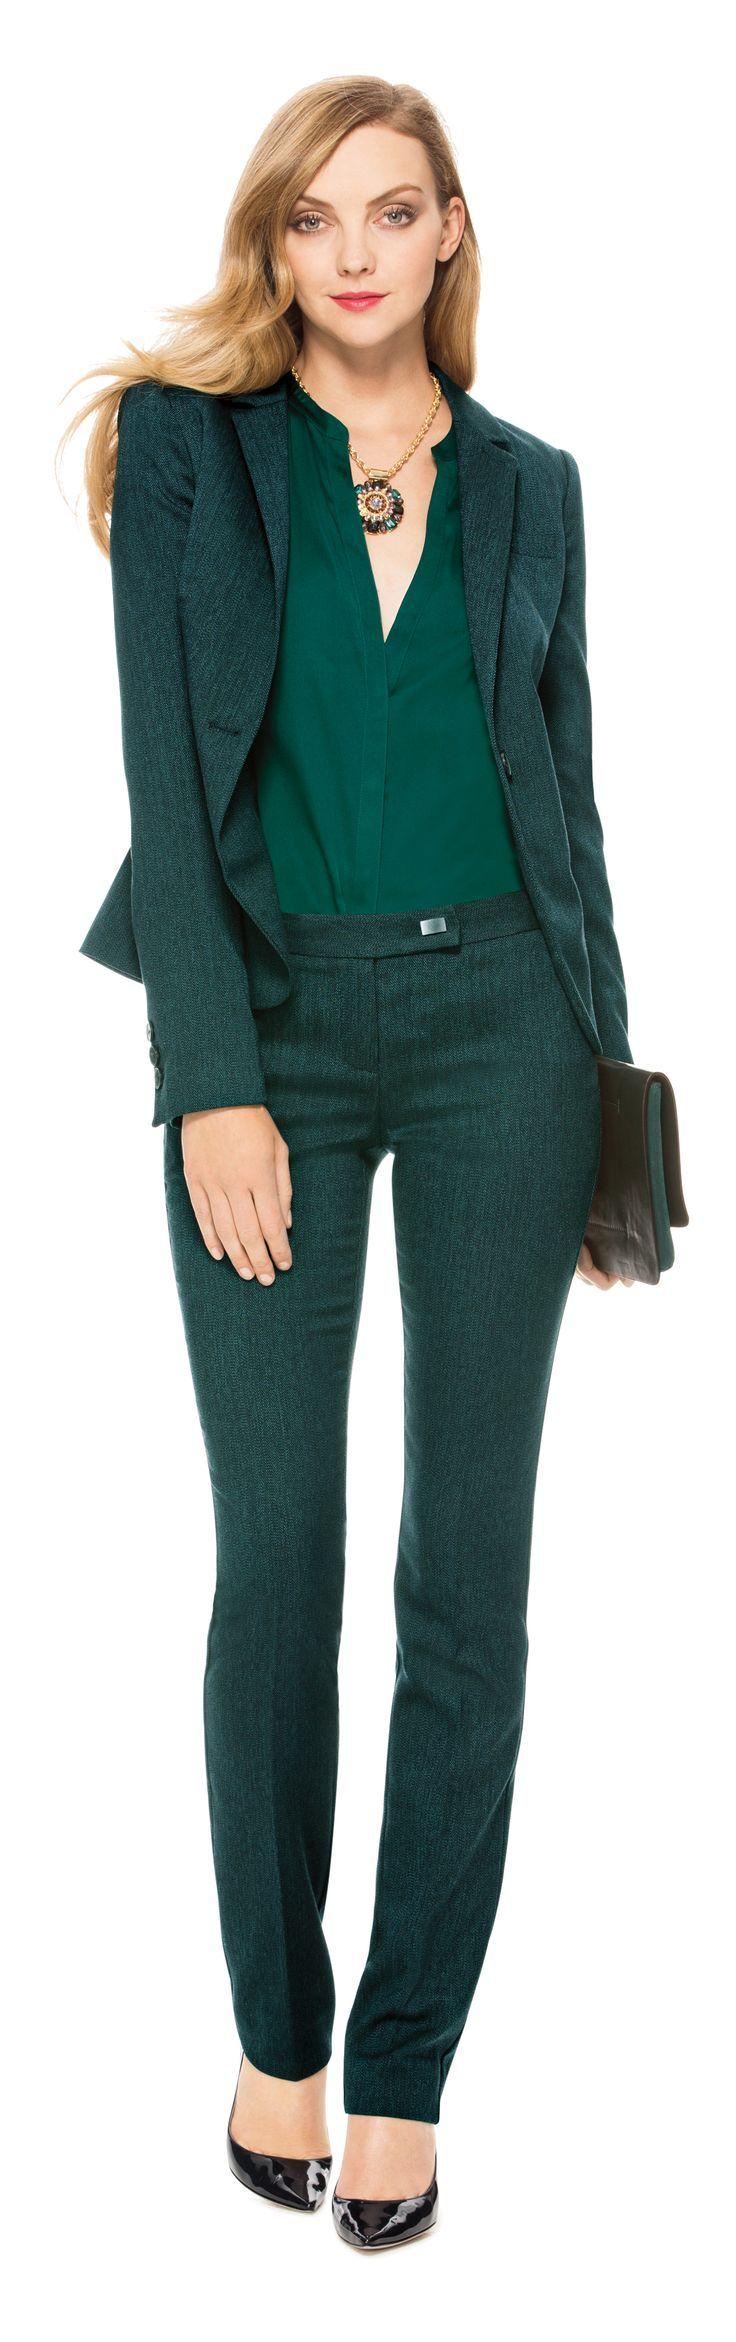 3ab6ece1b9acba862ed50edf0c895a24 Emerald Green Silk Blouse